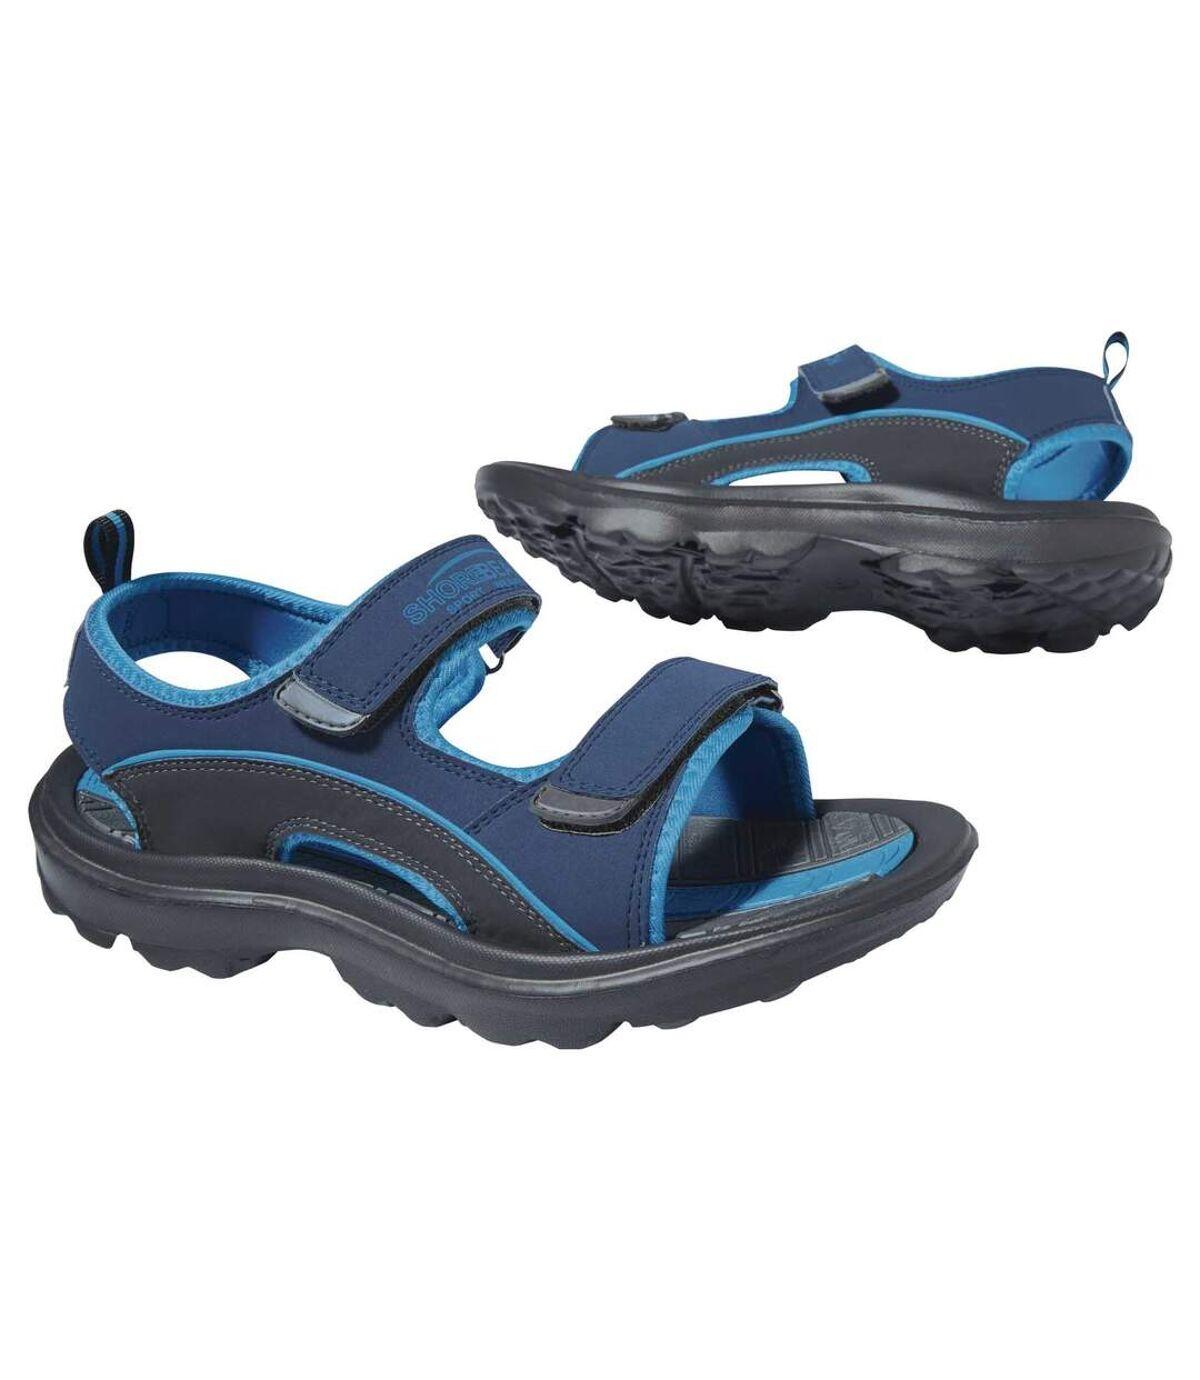 Men's Blue Tough Terrain Sandals Atlas For Men